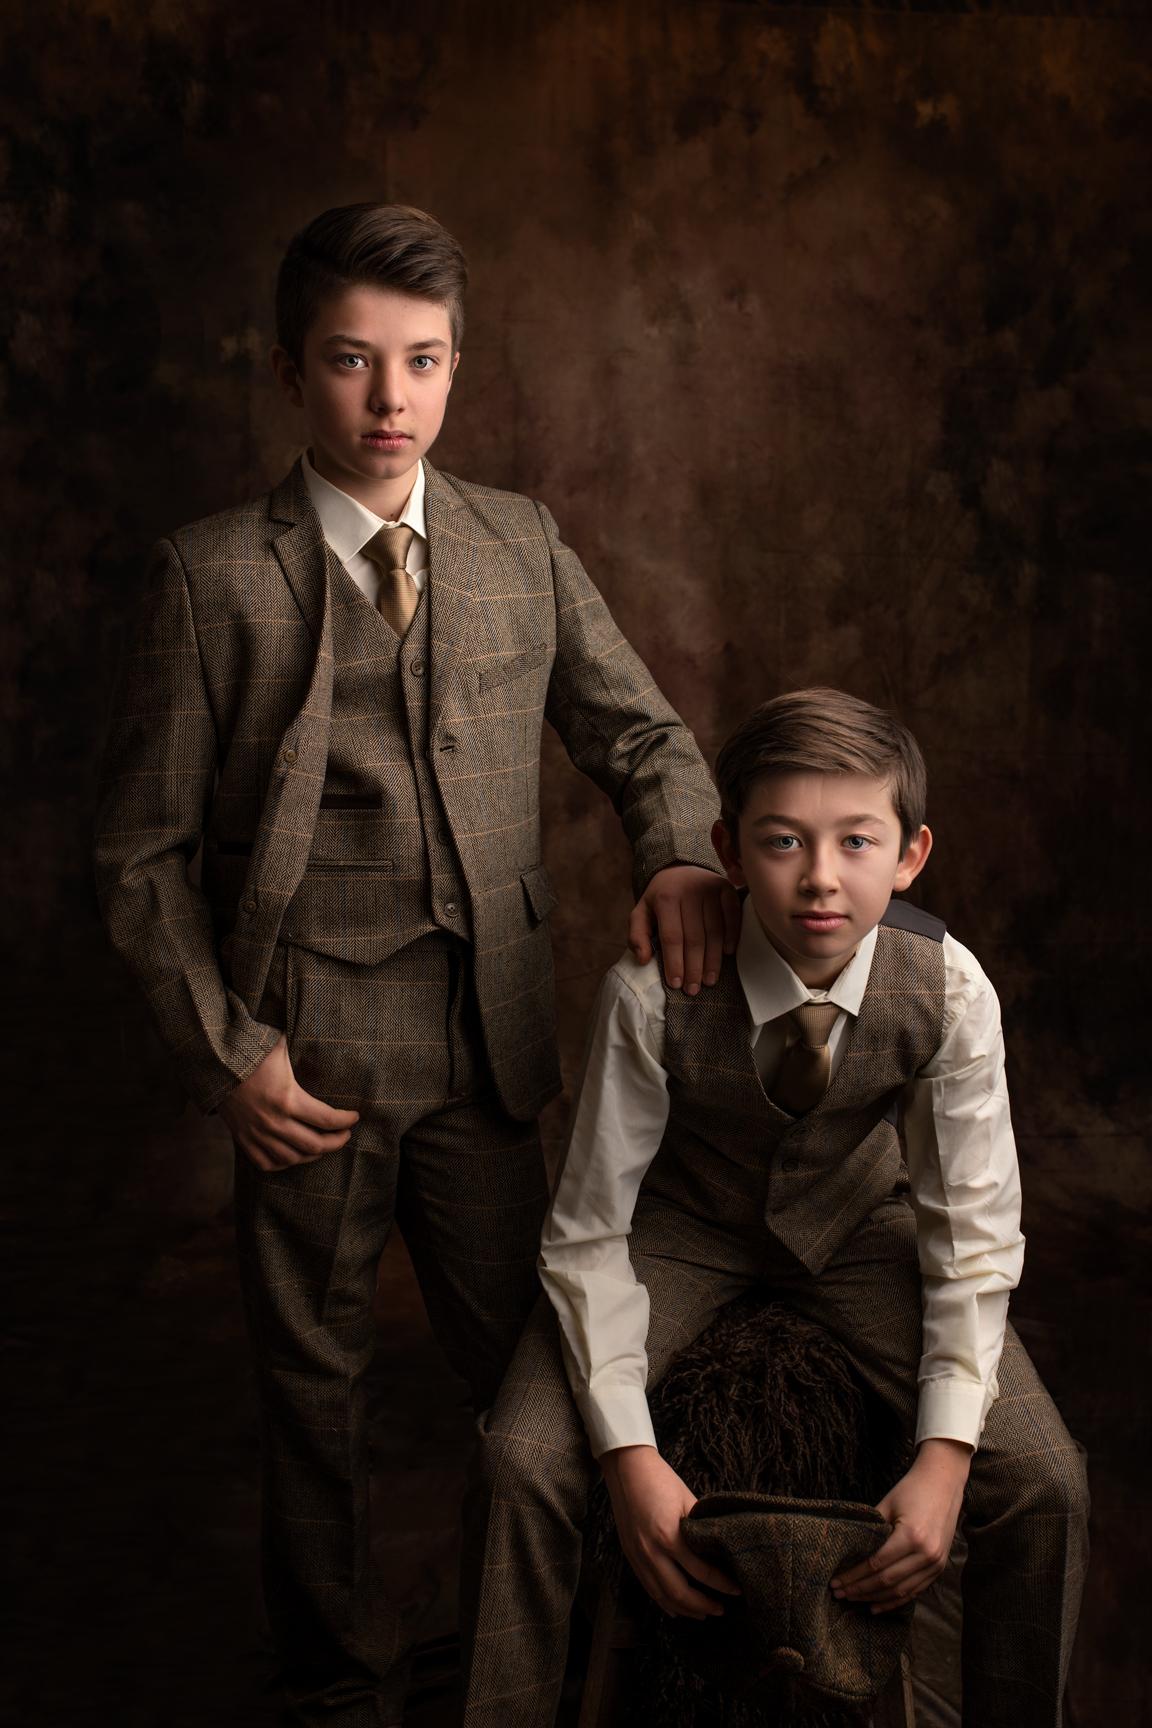 Portrait Fine Art 2 frères, séance portrait Peaky Blinders par Cindy Fernandez spécialiste Portrait Aix-en-provence